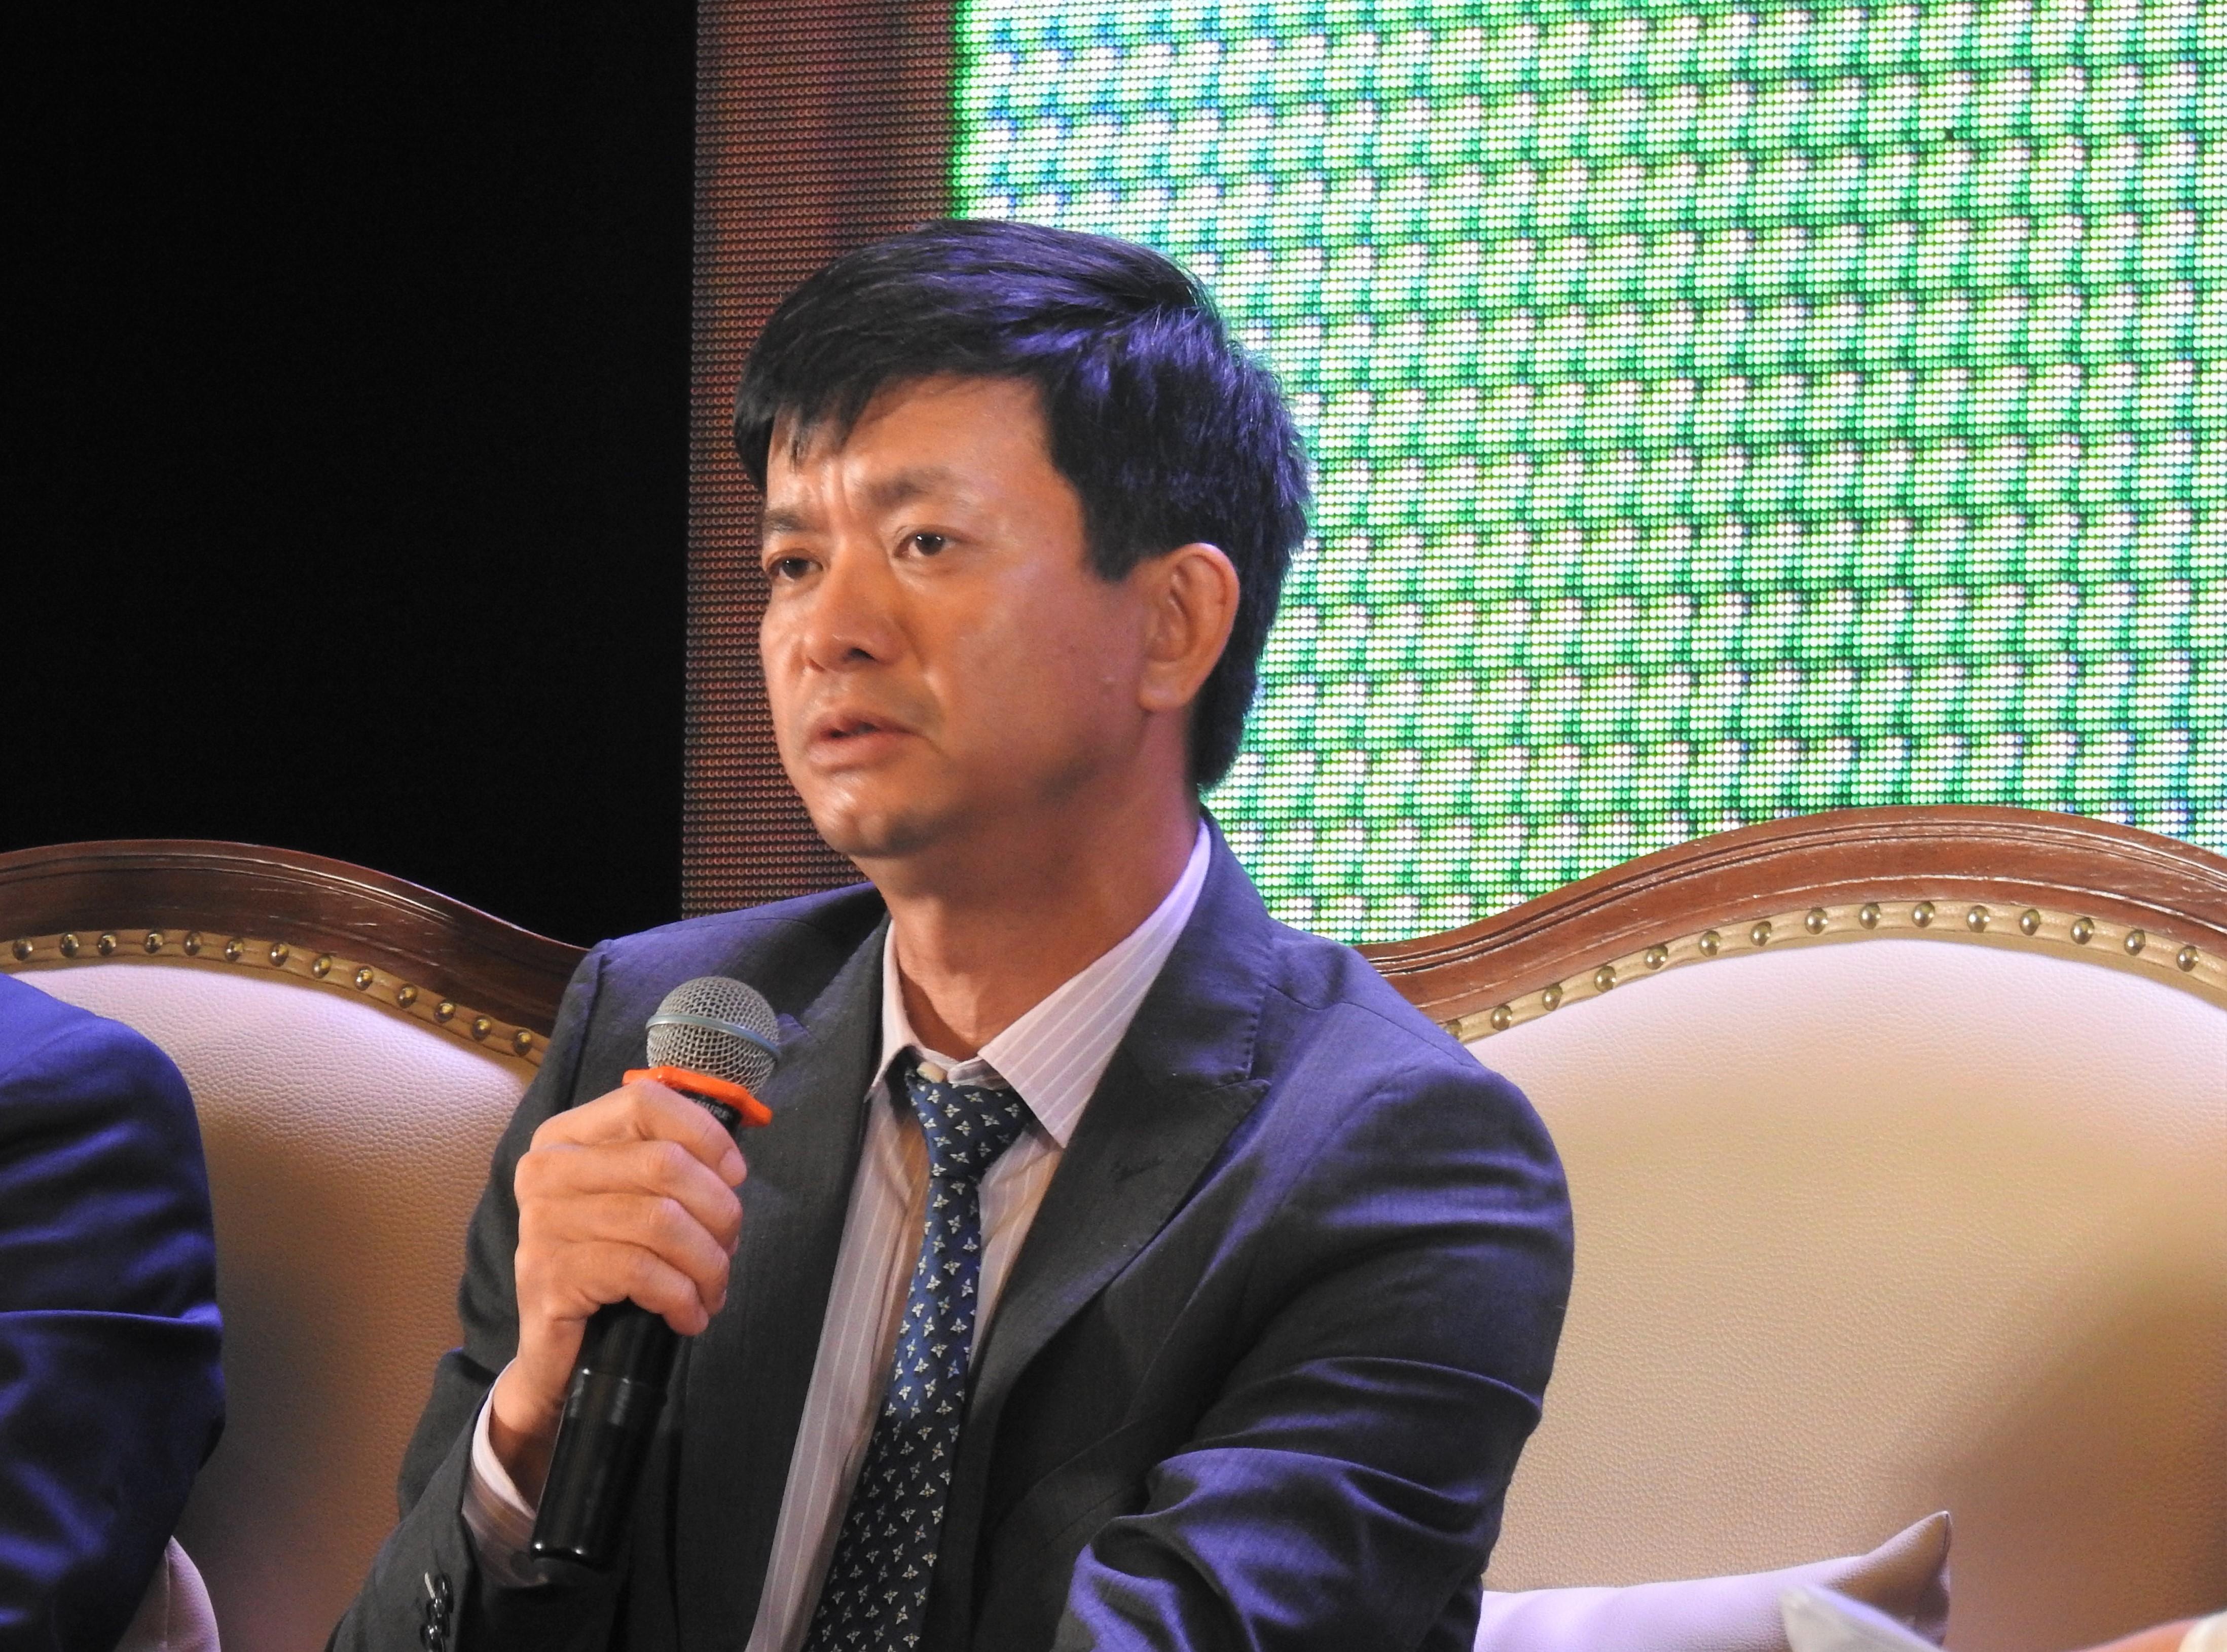 Quảng bá Việt Nam an toàn là chìa khóa giúp nhanh thu hút được khách quốc tế - Ảnh 3.